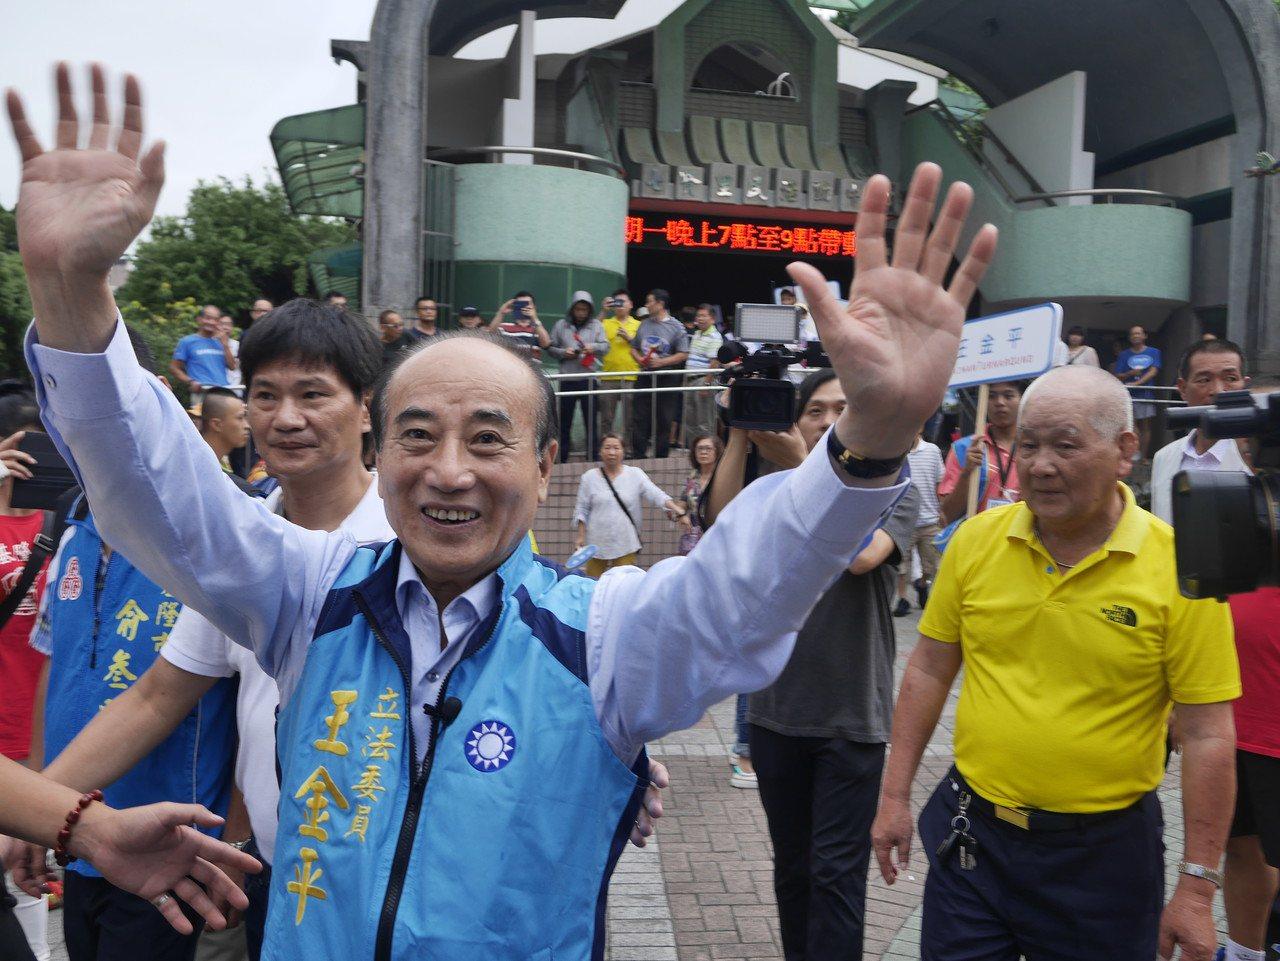 不分區立委提名,是主席比較有影響力還是韓國瑜比較有影響力?王金平說,當然是主席,...